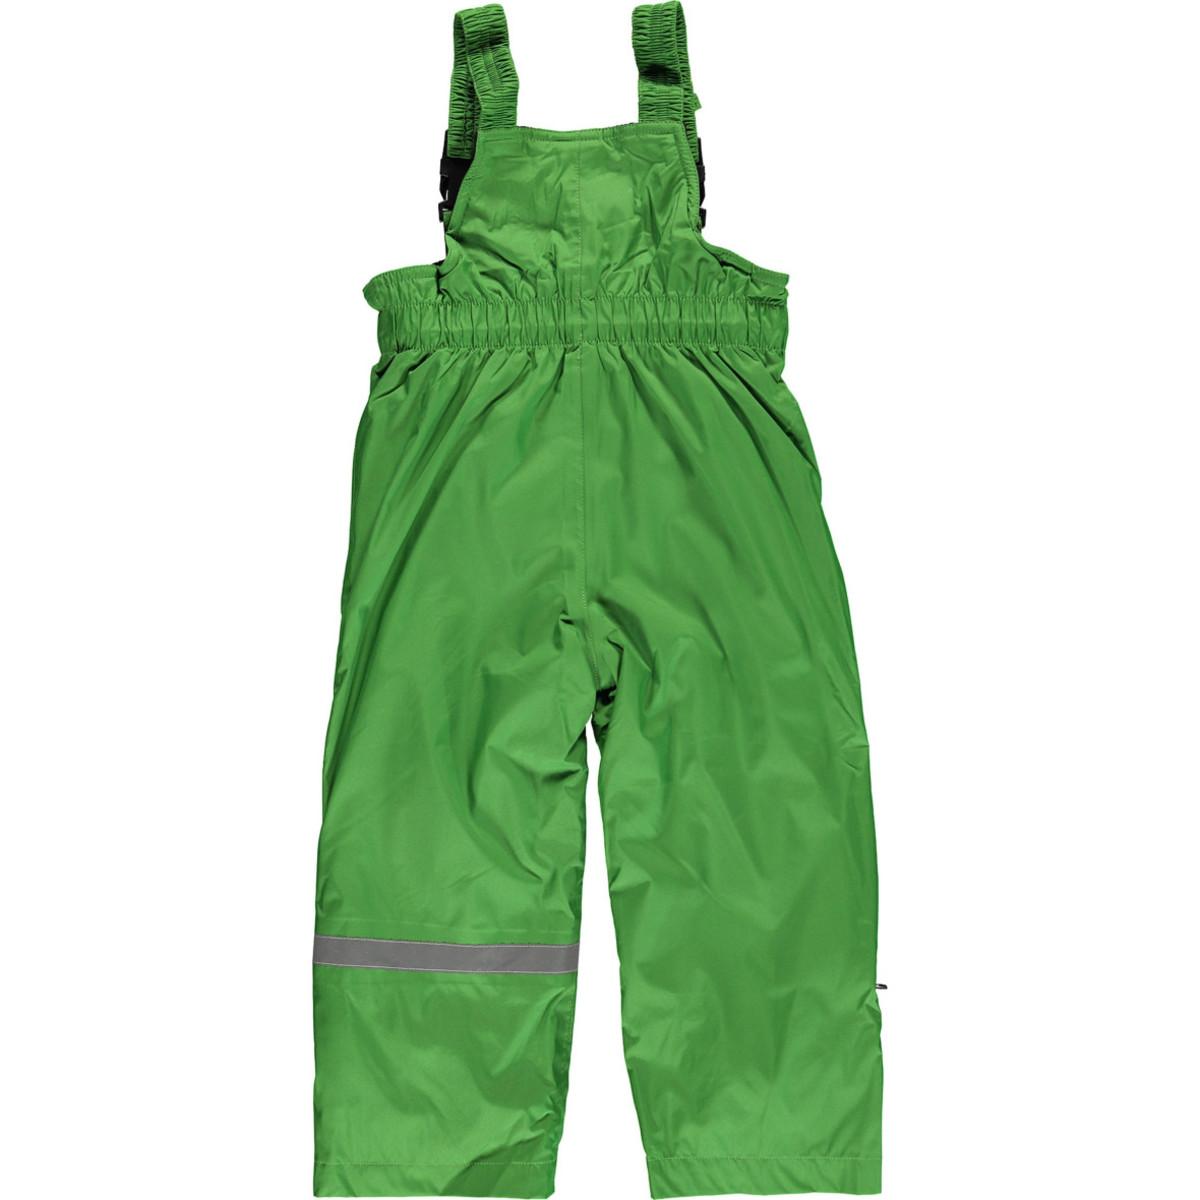 Bild 2 von Kinder-Regenlatzhose